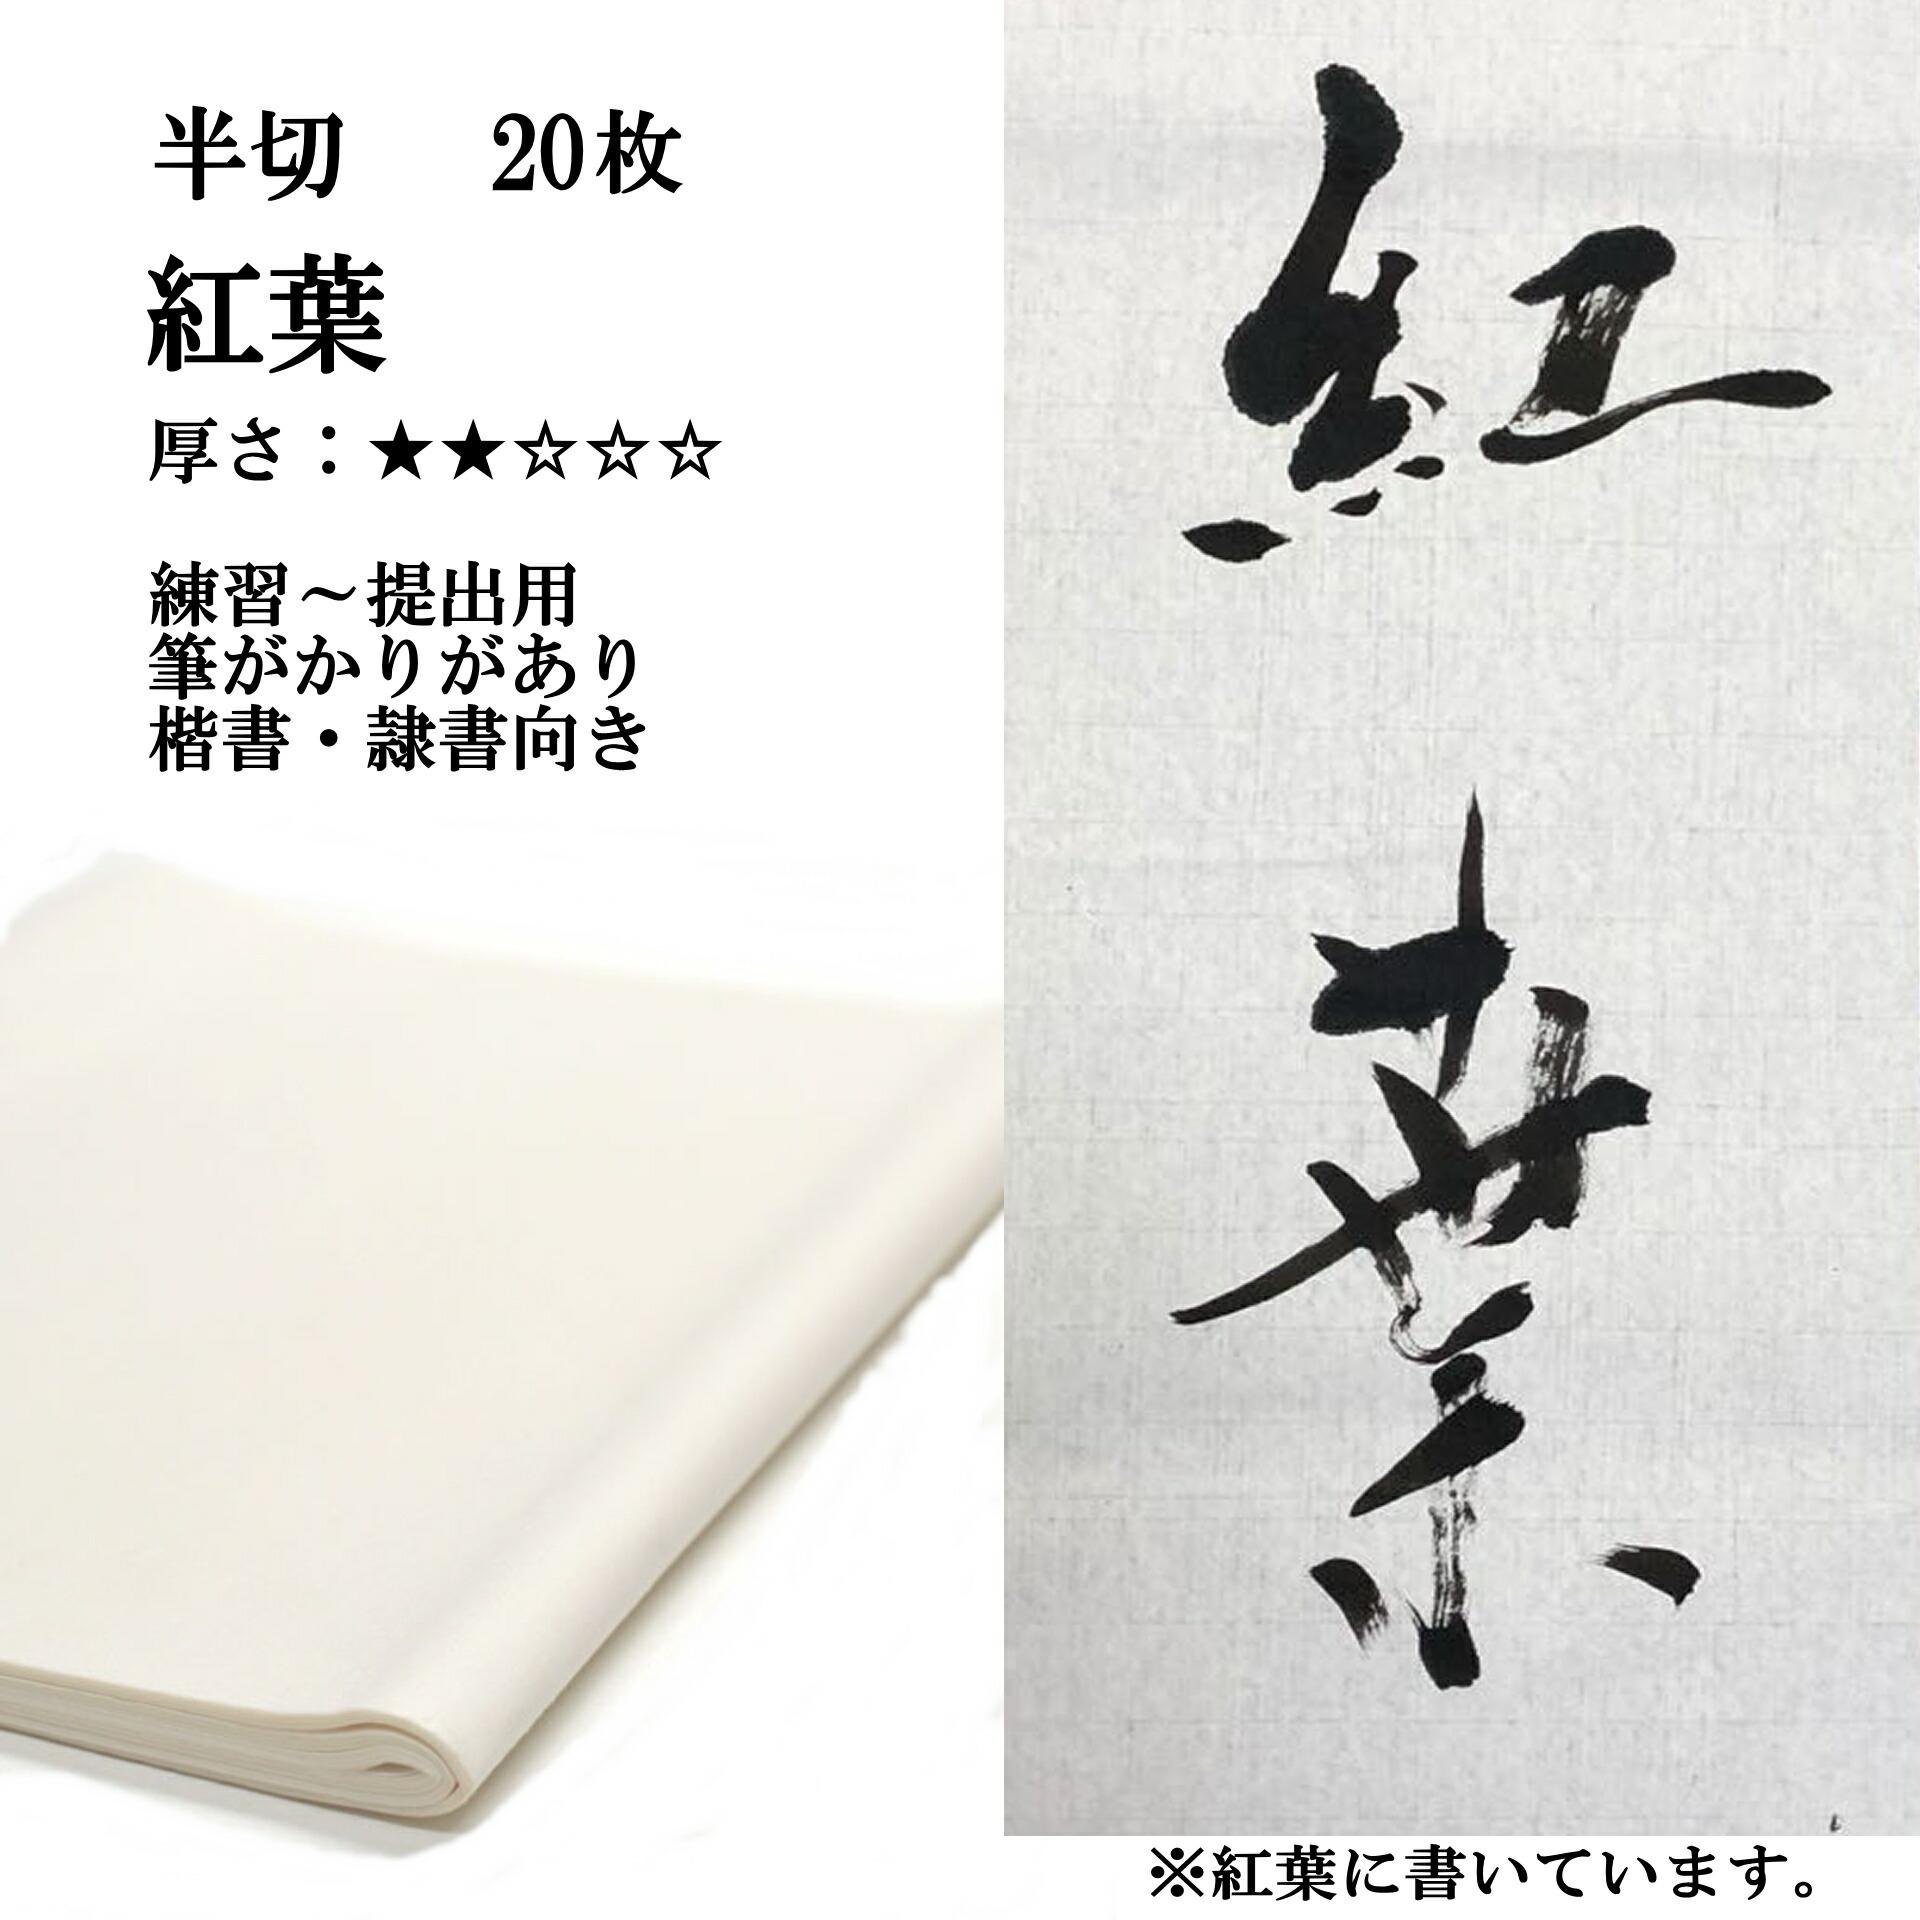 手漉き画仙紙 紅葉 20枚